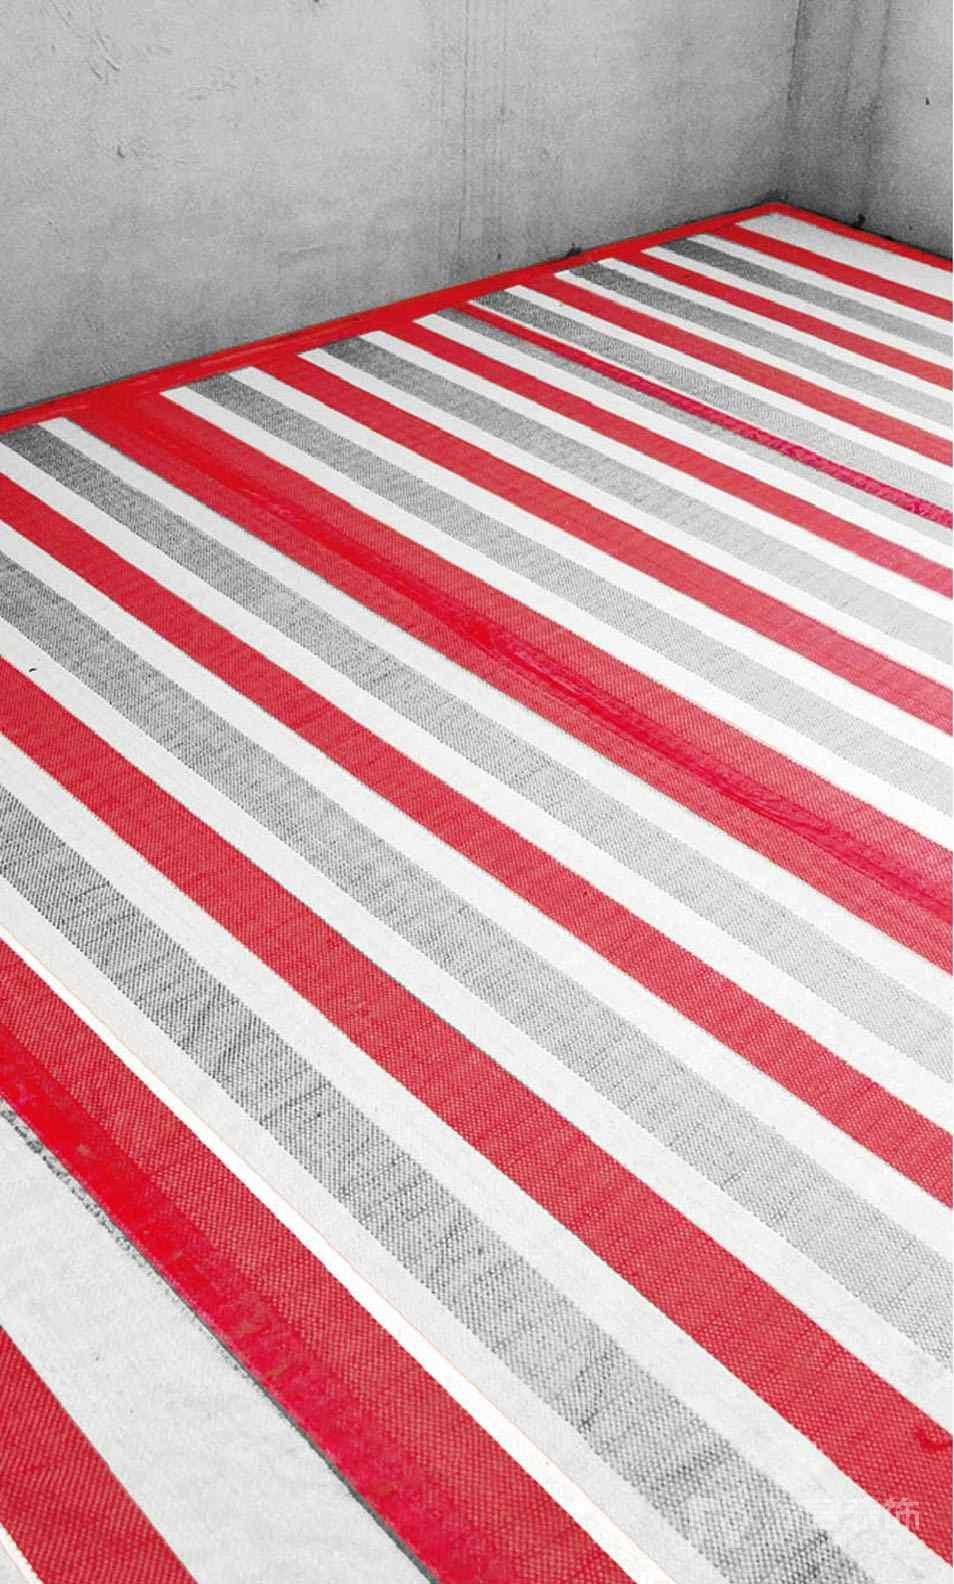 尚层装饰地板施工保护